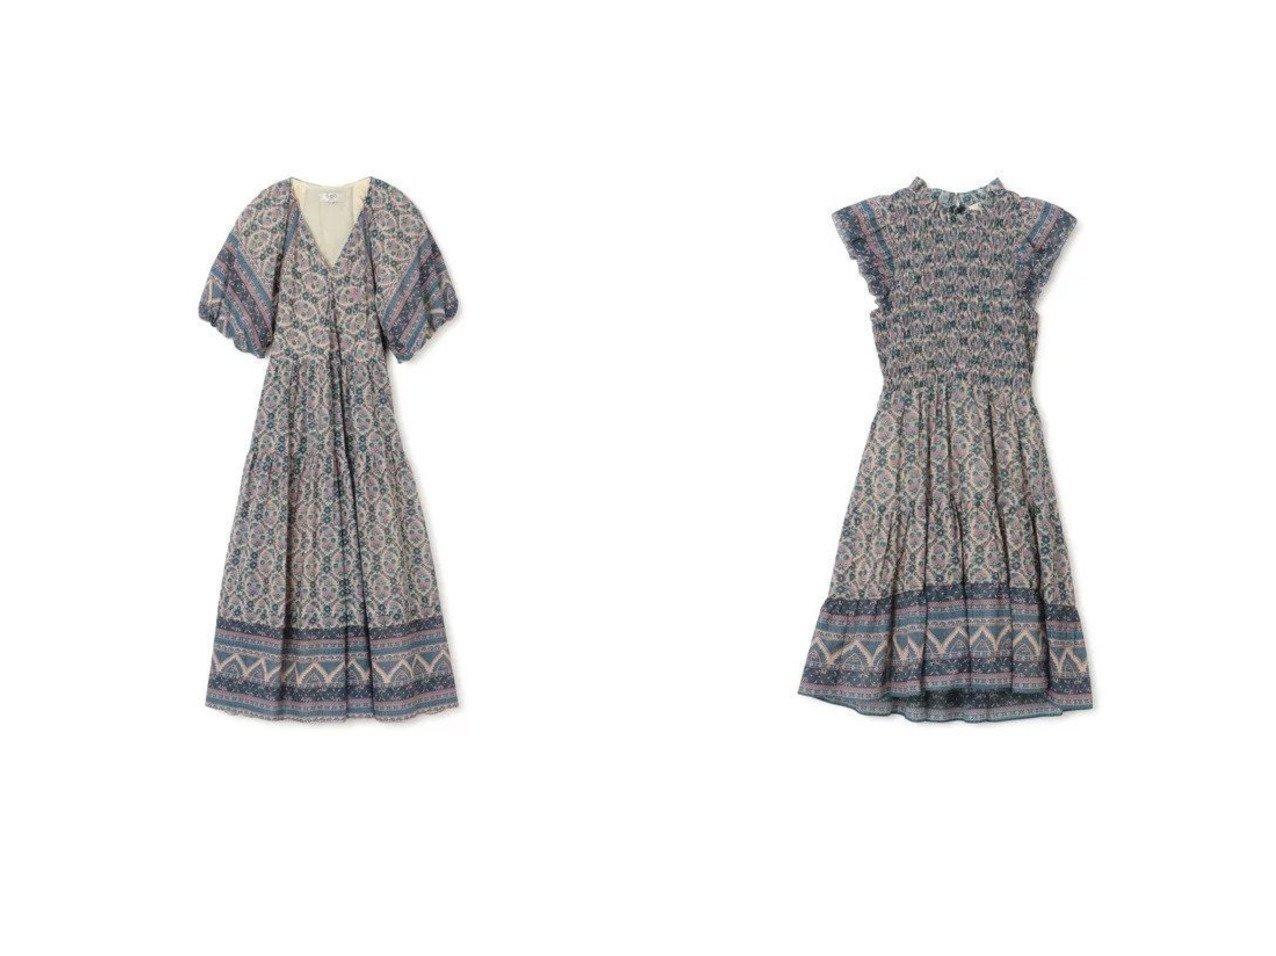 【Sea NEW YORK/シー ニューヨーク】のVERBENA SS PUFF MIDI DRESS&VERBENA SS SMOCKED DRESS ワンピース・ドレスのおすすめ!人気、トレンド・レディースファッションの通販 おすすめで人気の流行・トレンド、ファッションの通販商品 メンズファッション・キッズファッション・インテリア・家具・レディースファッション・服の通販 founy(ファニー) https://founy.com/ ファッション Fashion レディースファッション WOMEN ワンピース Dress ドレス Party Dresses 2021年 2021 2021 春夏 S/S SS Spring/Summer 2021 S/S 春夏 SS Spring/Summer クラシカル ドレス フォーマル フラワー マキシ 半袖 長袖 ガーリー レギンス  ID:crp329100000014773